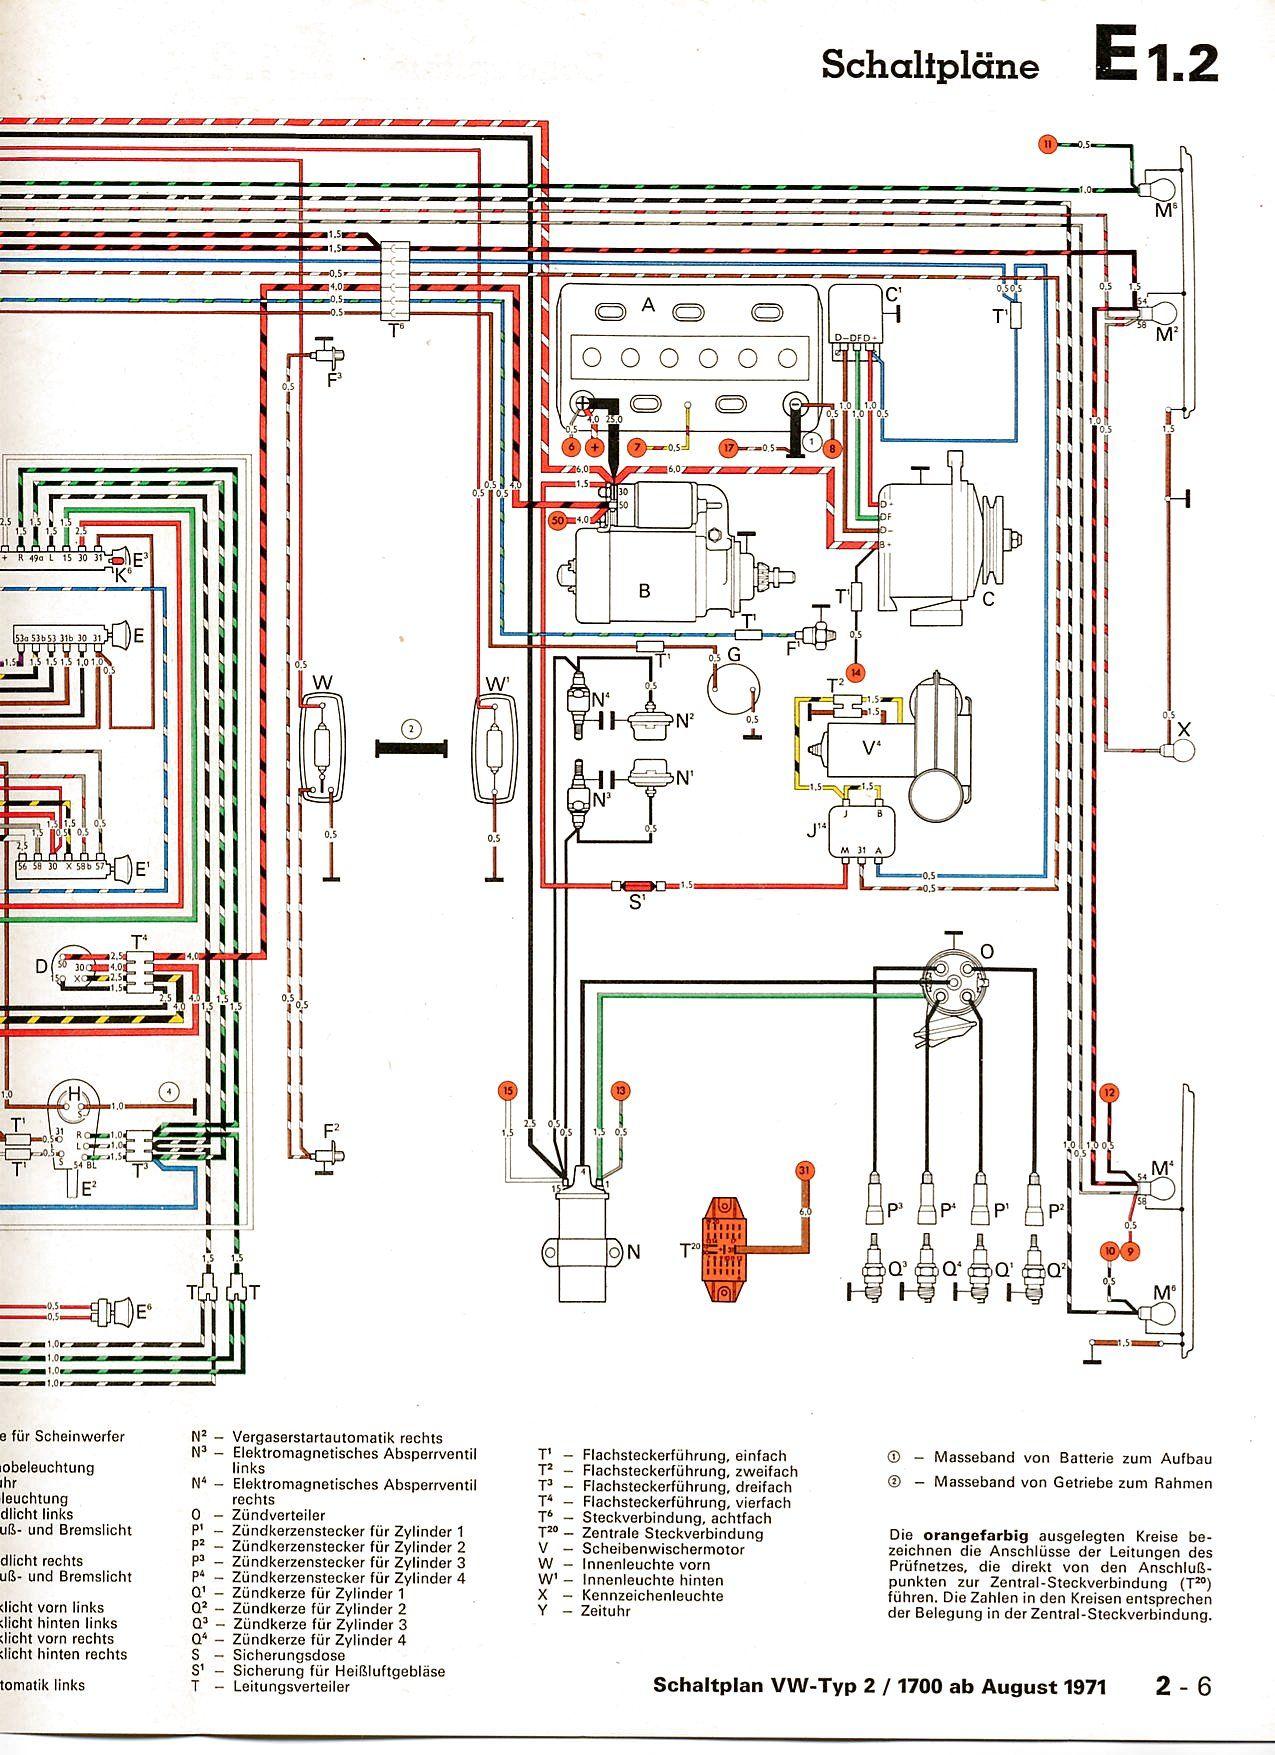 schéma électrique Baywindow Type 4 1700   VW Tech & Tools ...